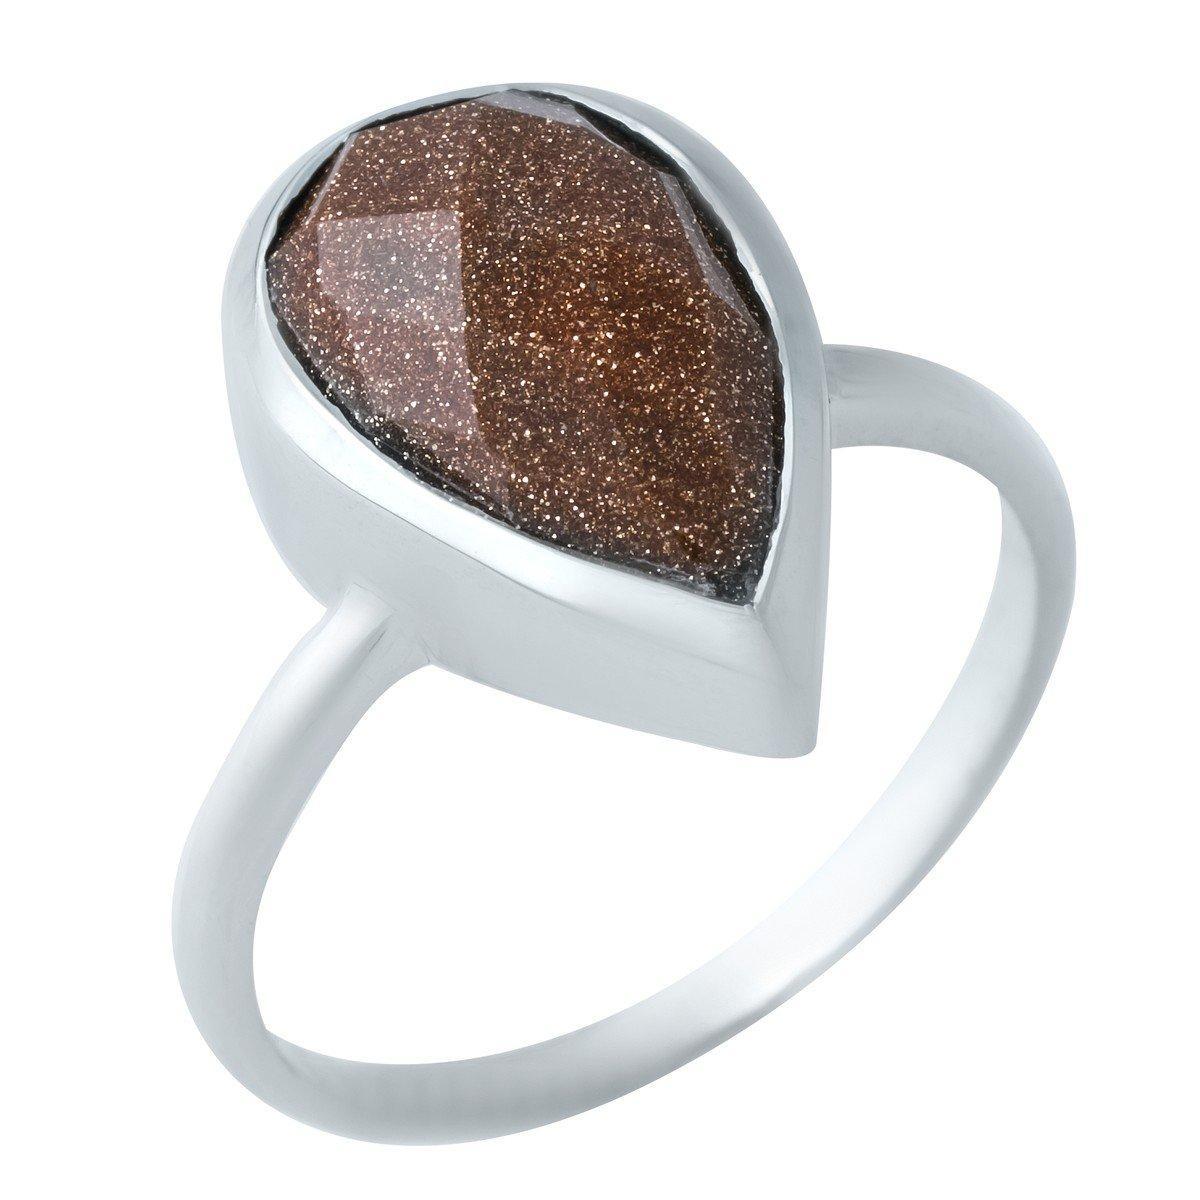 Серебряное кольцо DreamJewelry с натуральным авантюрином (1921975) 18 размер